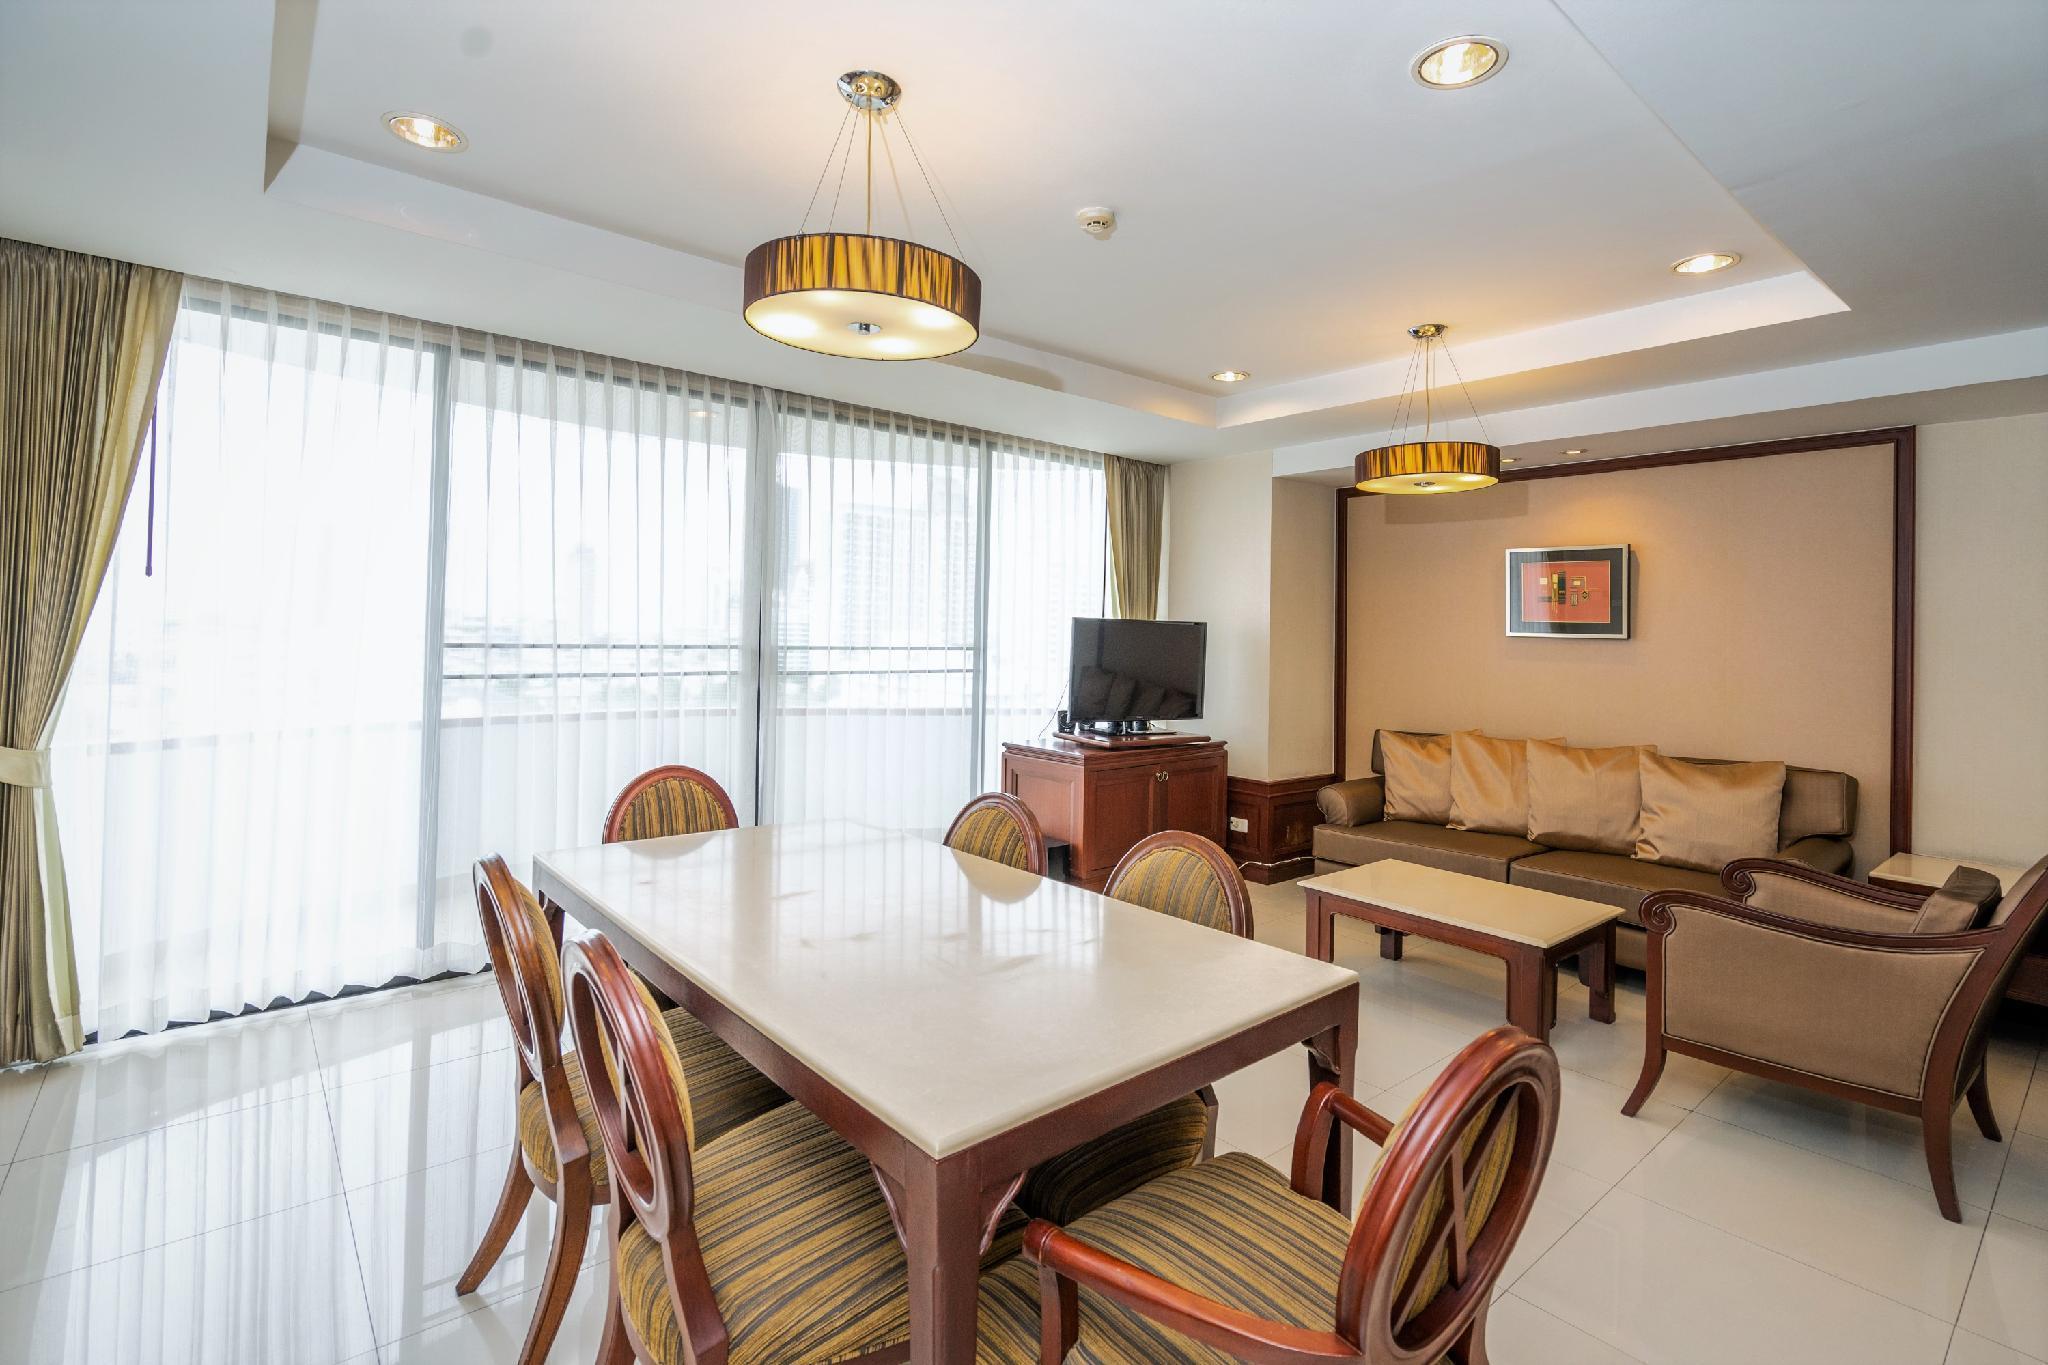 4BR Apartment Sleeps 6 near BTS Thong Lo อพาร์ตเมนต์ 4 ห้องนอน 4 ห้องน้ำส่วนตัว ขนาด 170 ตร.ม. – สุขุมวิท